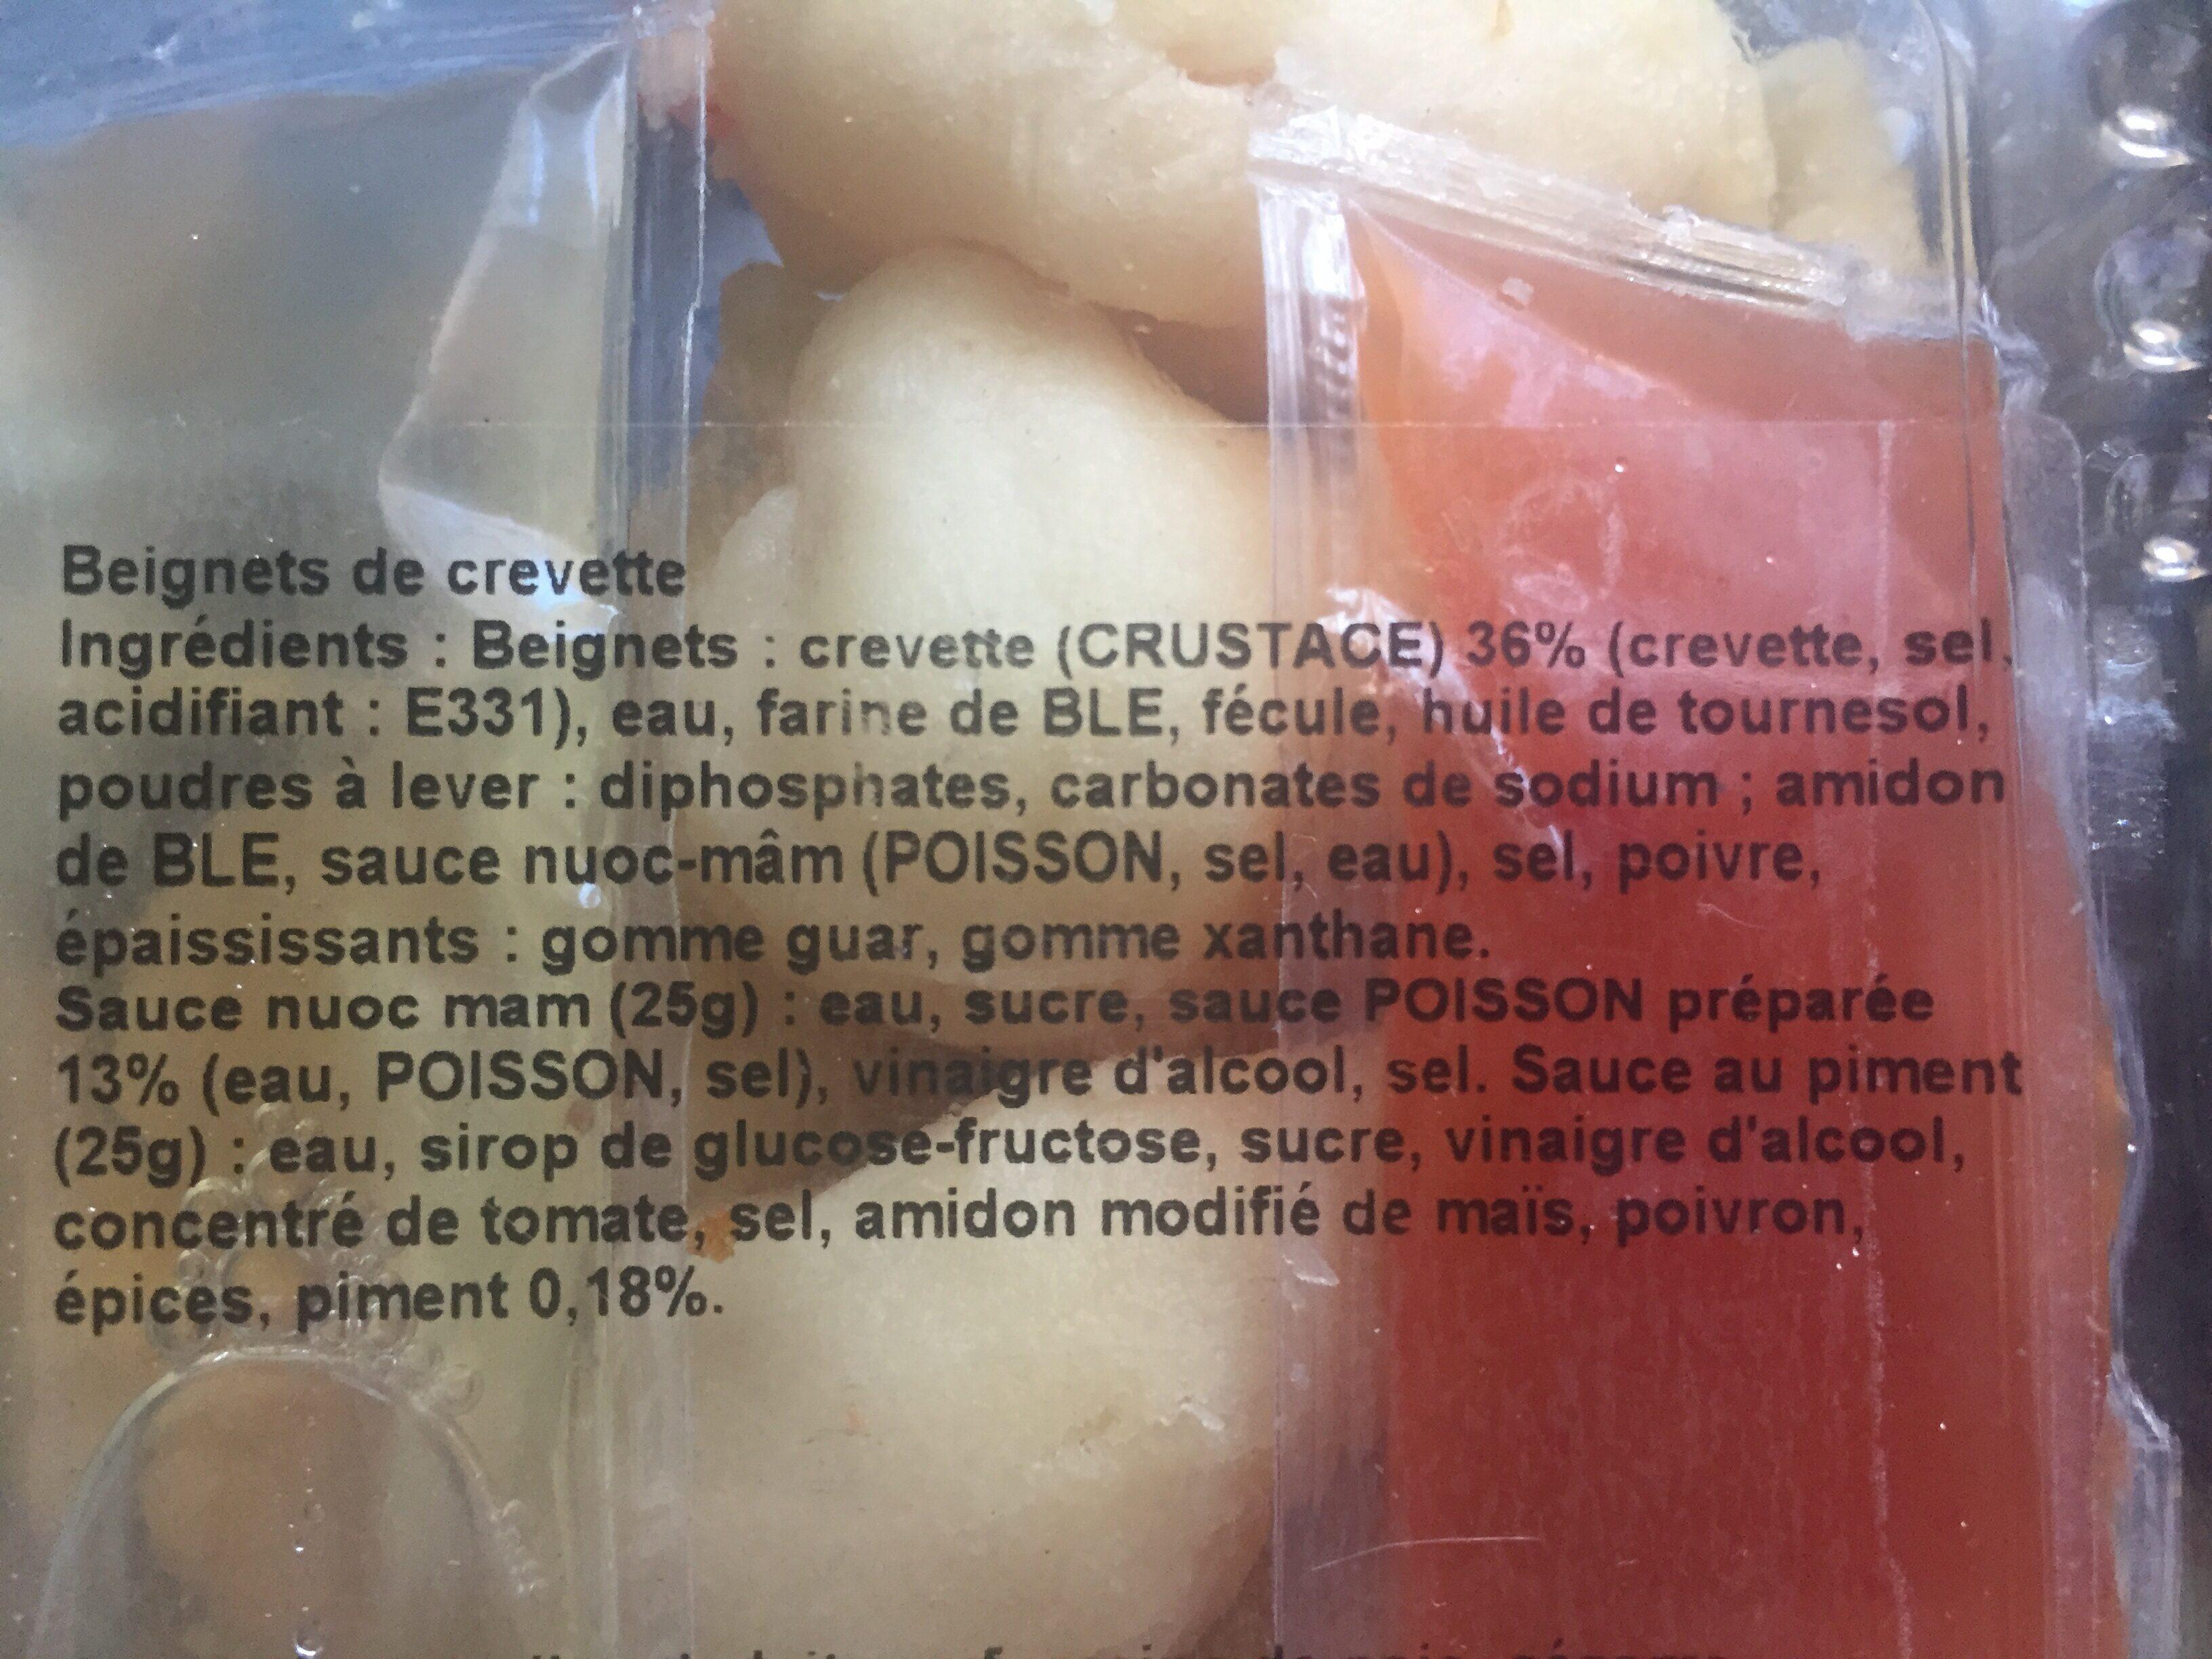 200G Beignet Crevette + Sauce - Ingredients